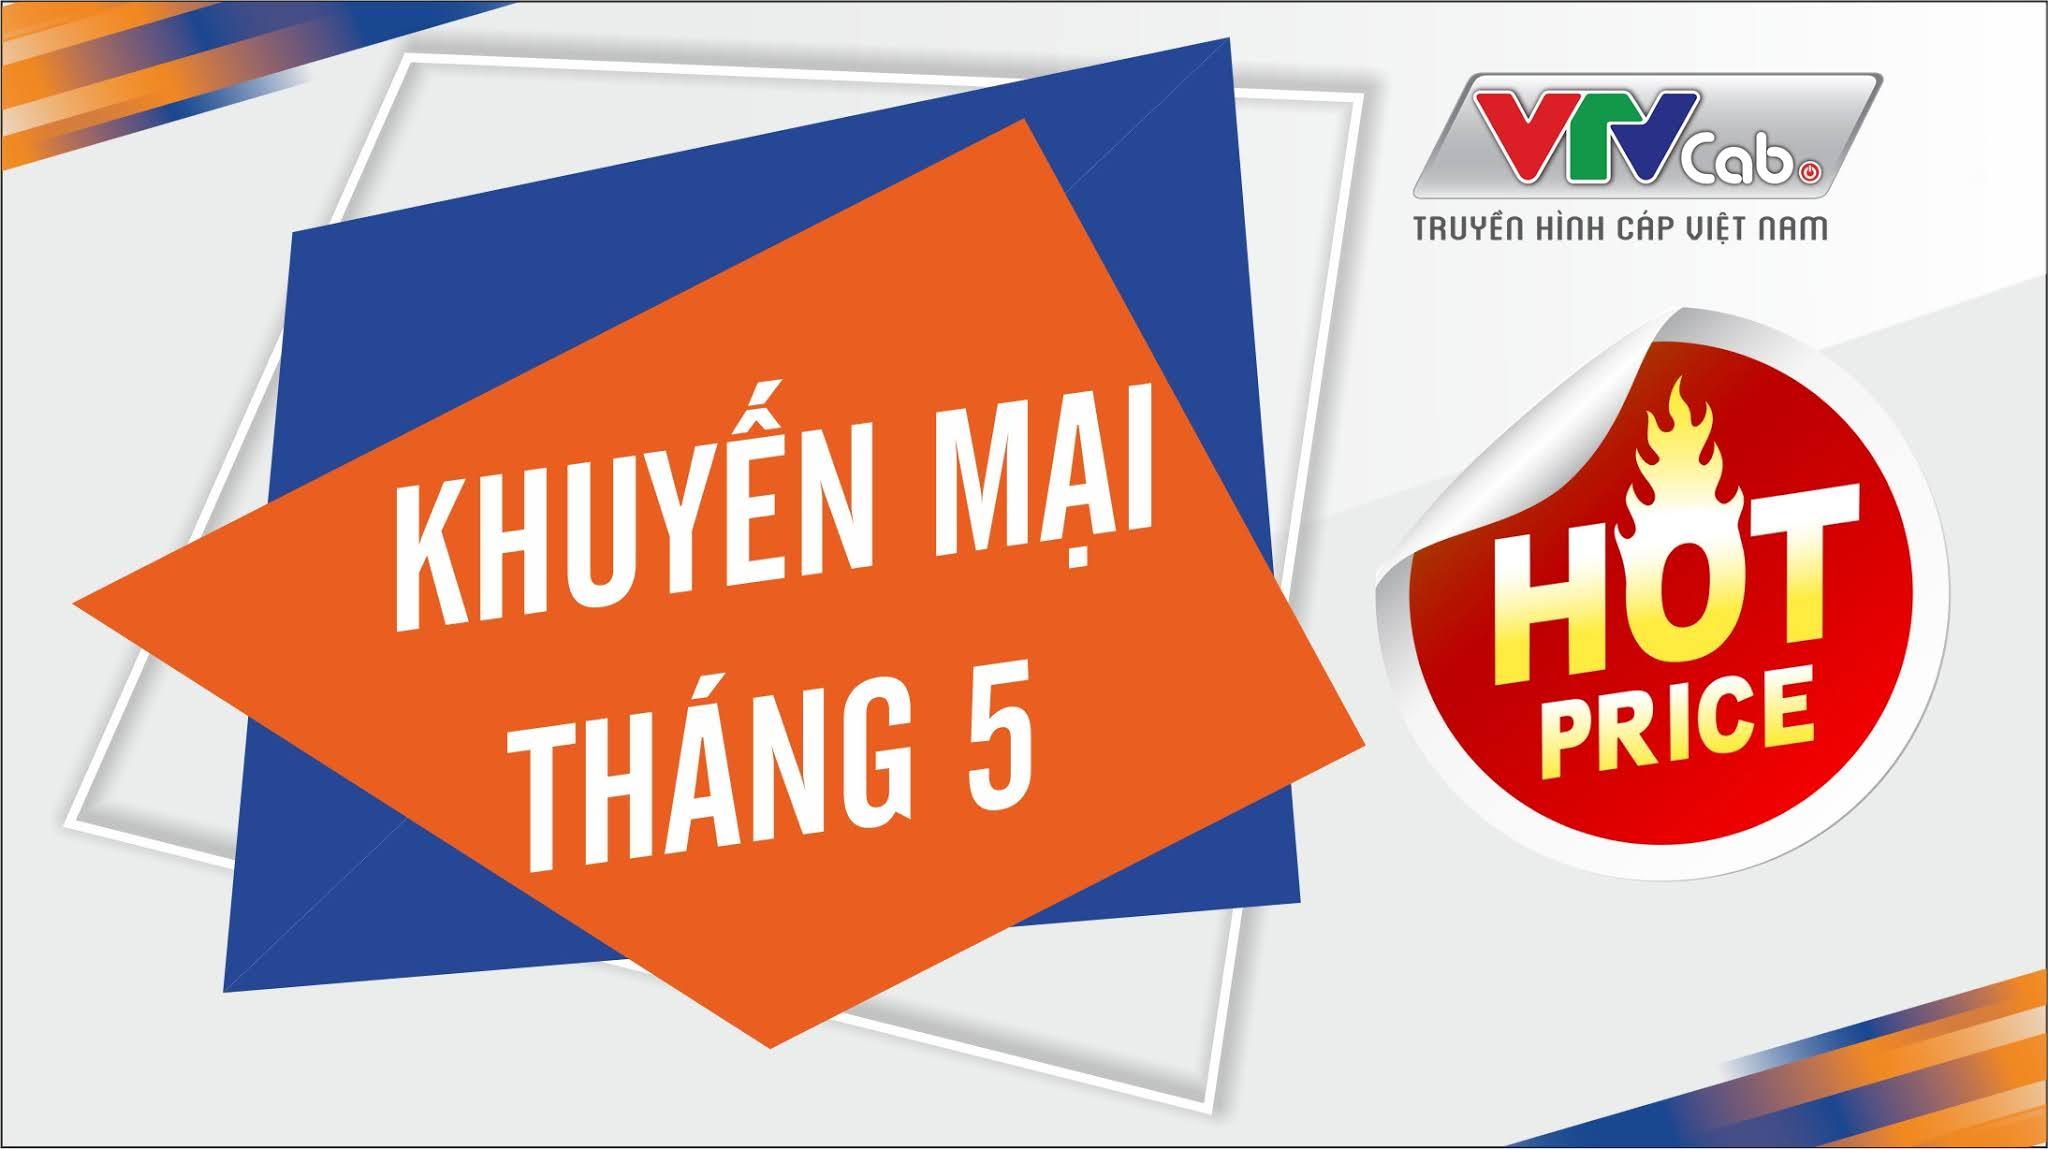 VTVCab tại TPHCM - Khuyến mãi lắp truyền hình cáp + Internet tháng 5/2021